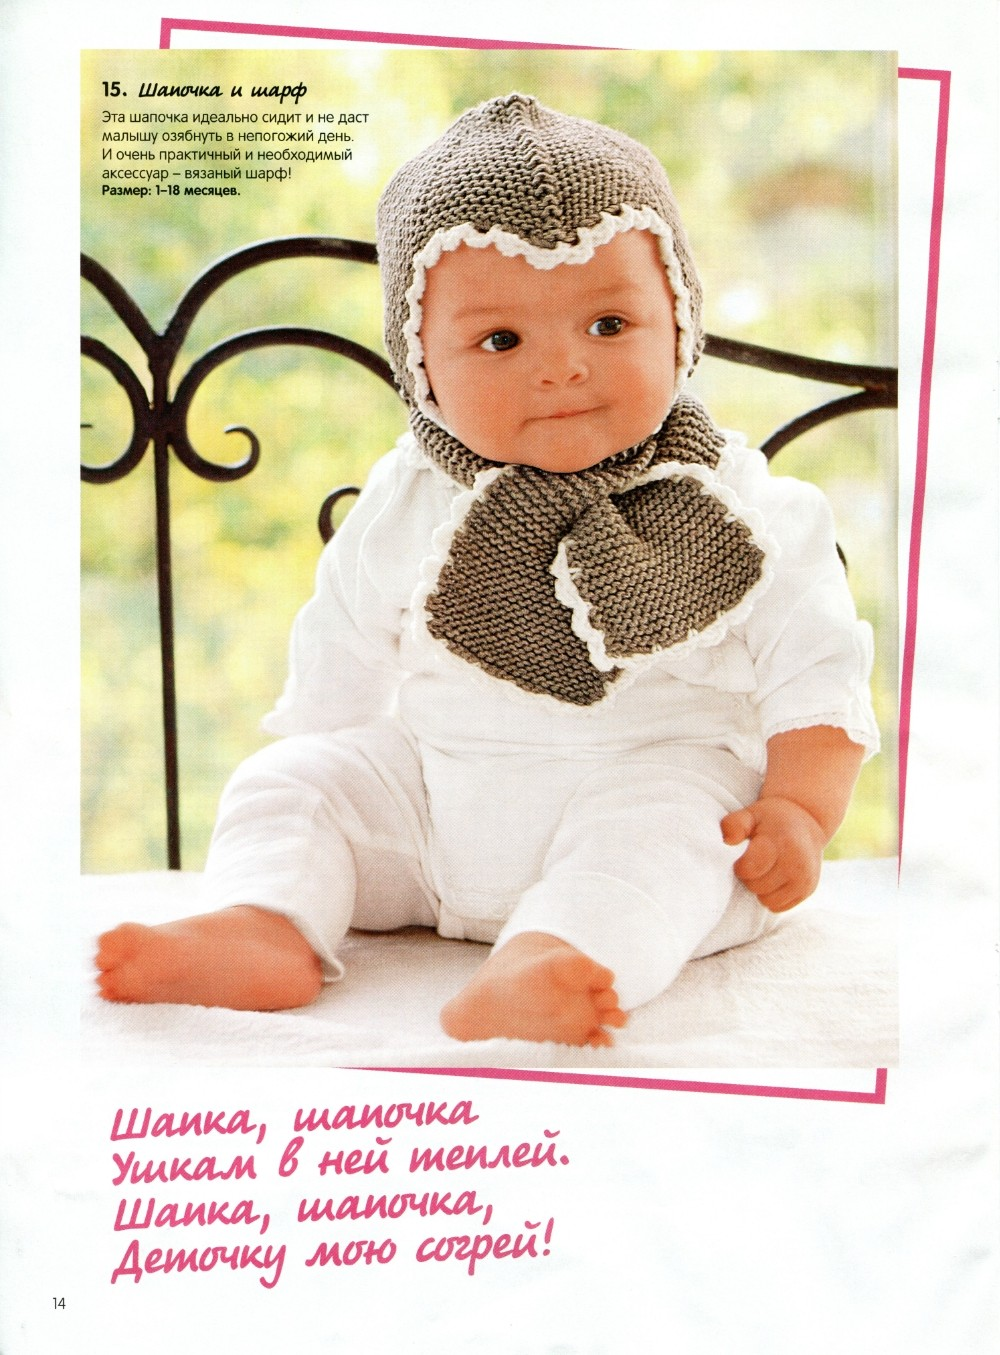 http://images.vfl.ru/ii/1392300061/a6046a25/4236930.jpg